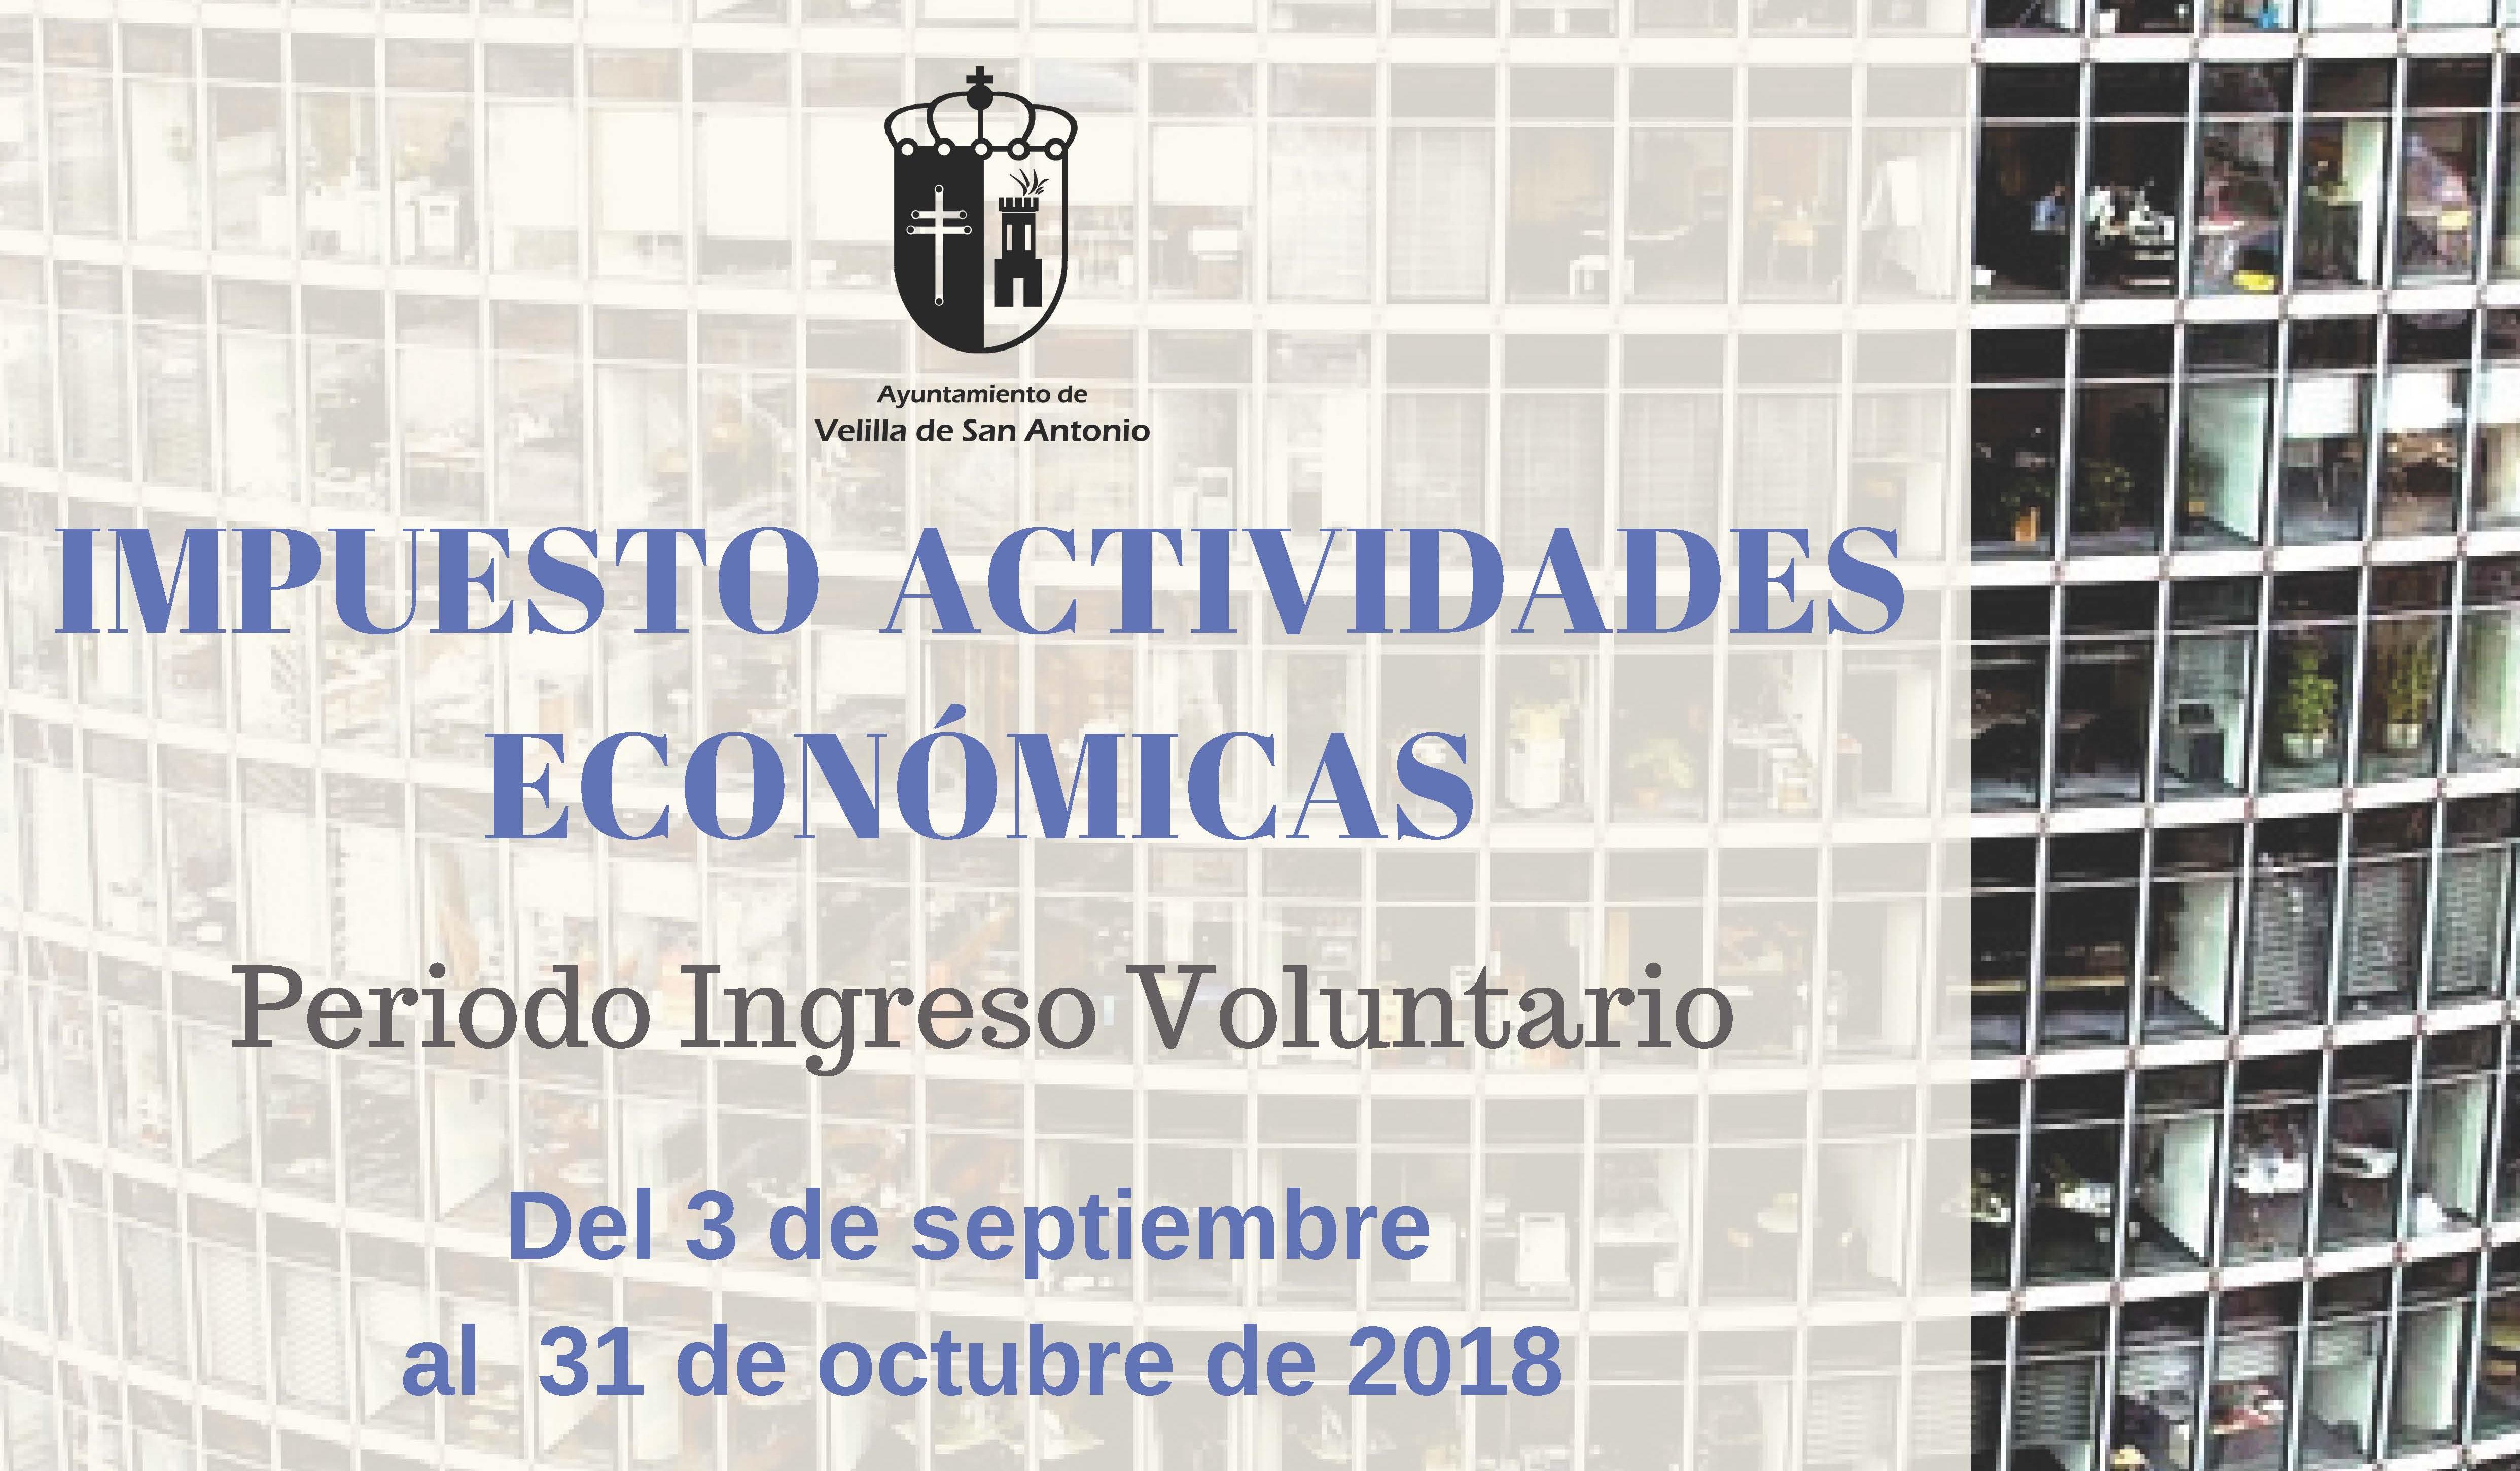 Impuesto de actividades económicas ejercicio 2018